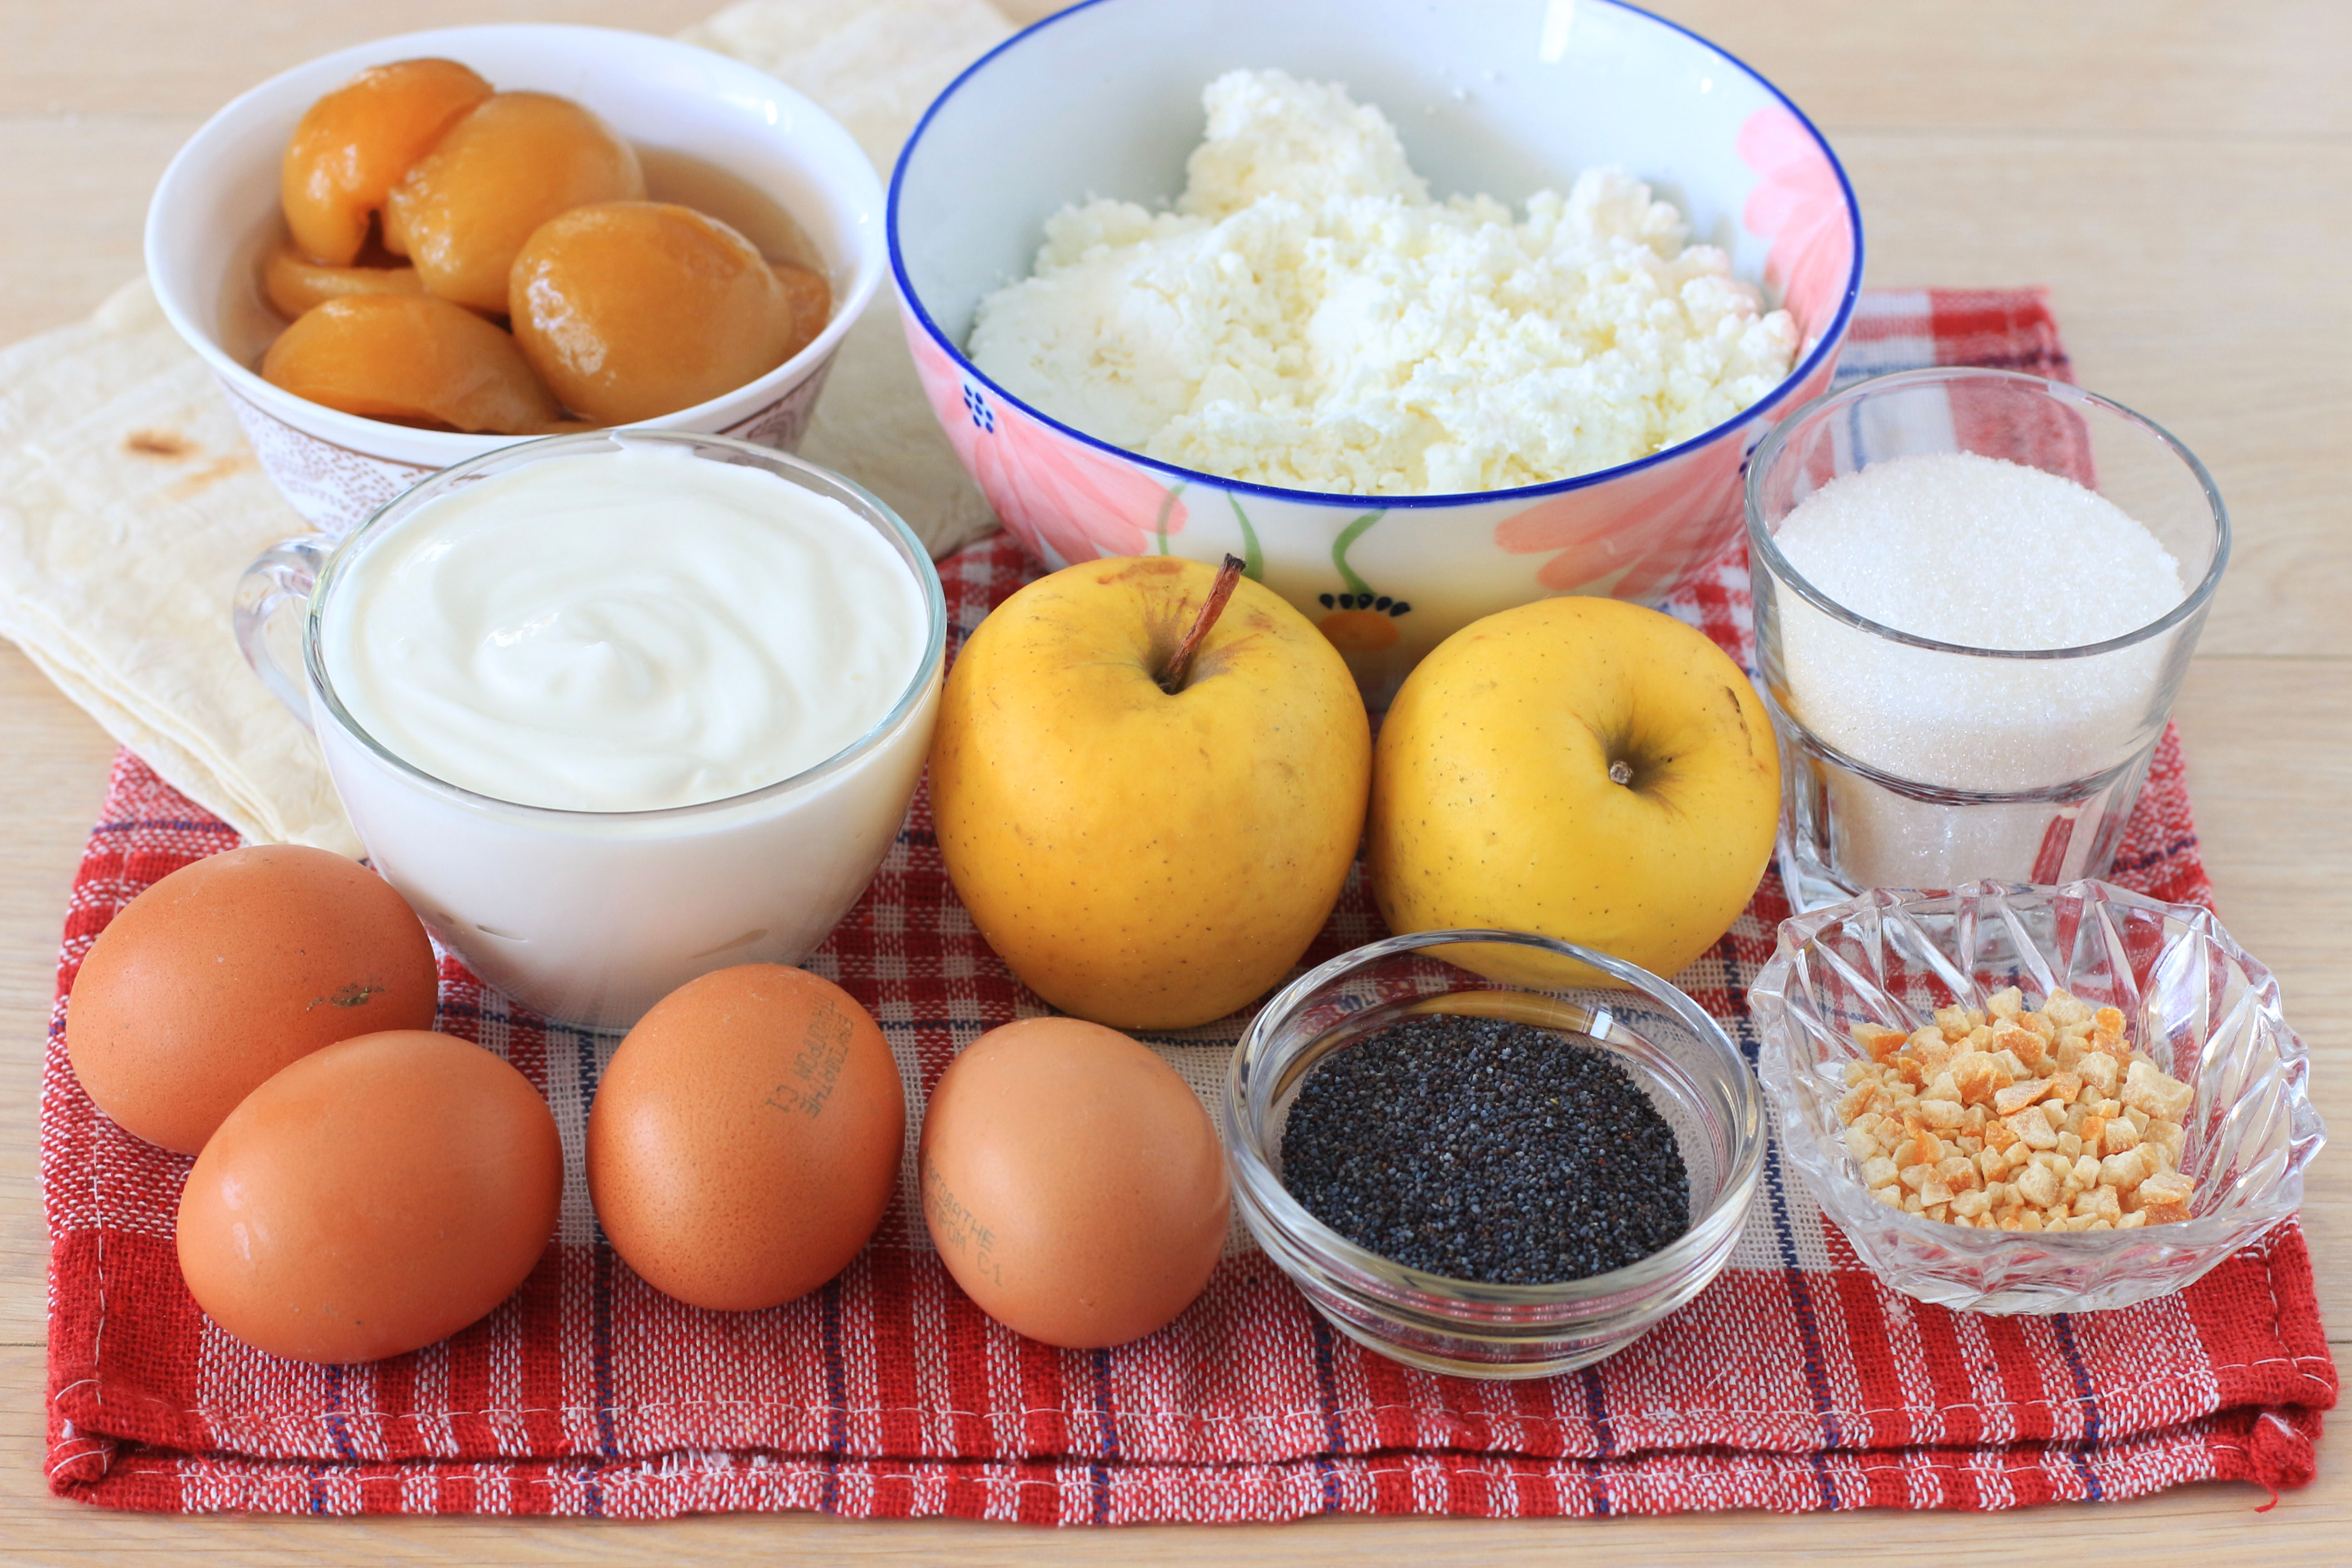 Диета Овощи И Творог. Можно ли есть творог при похудении?